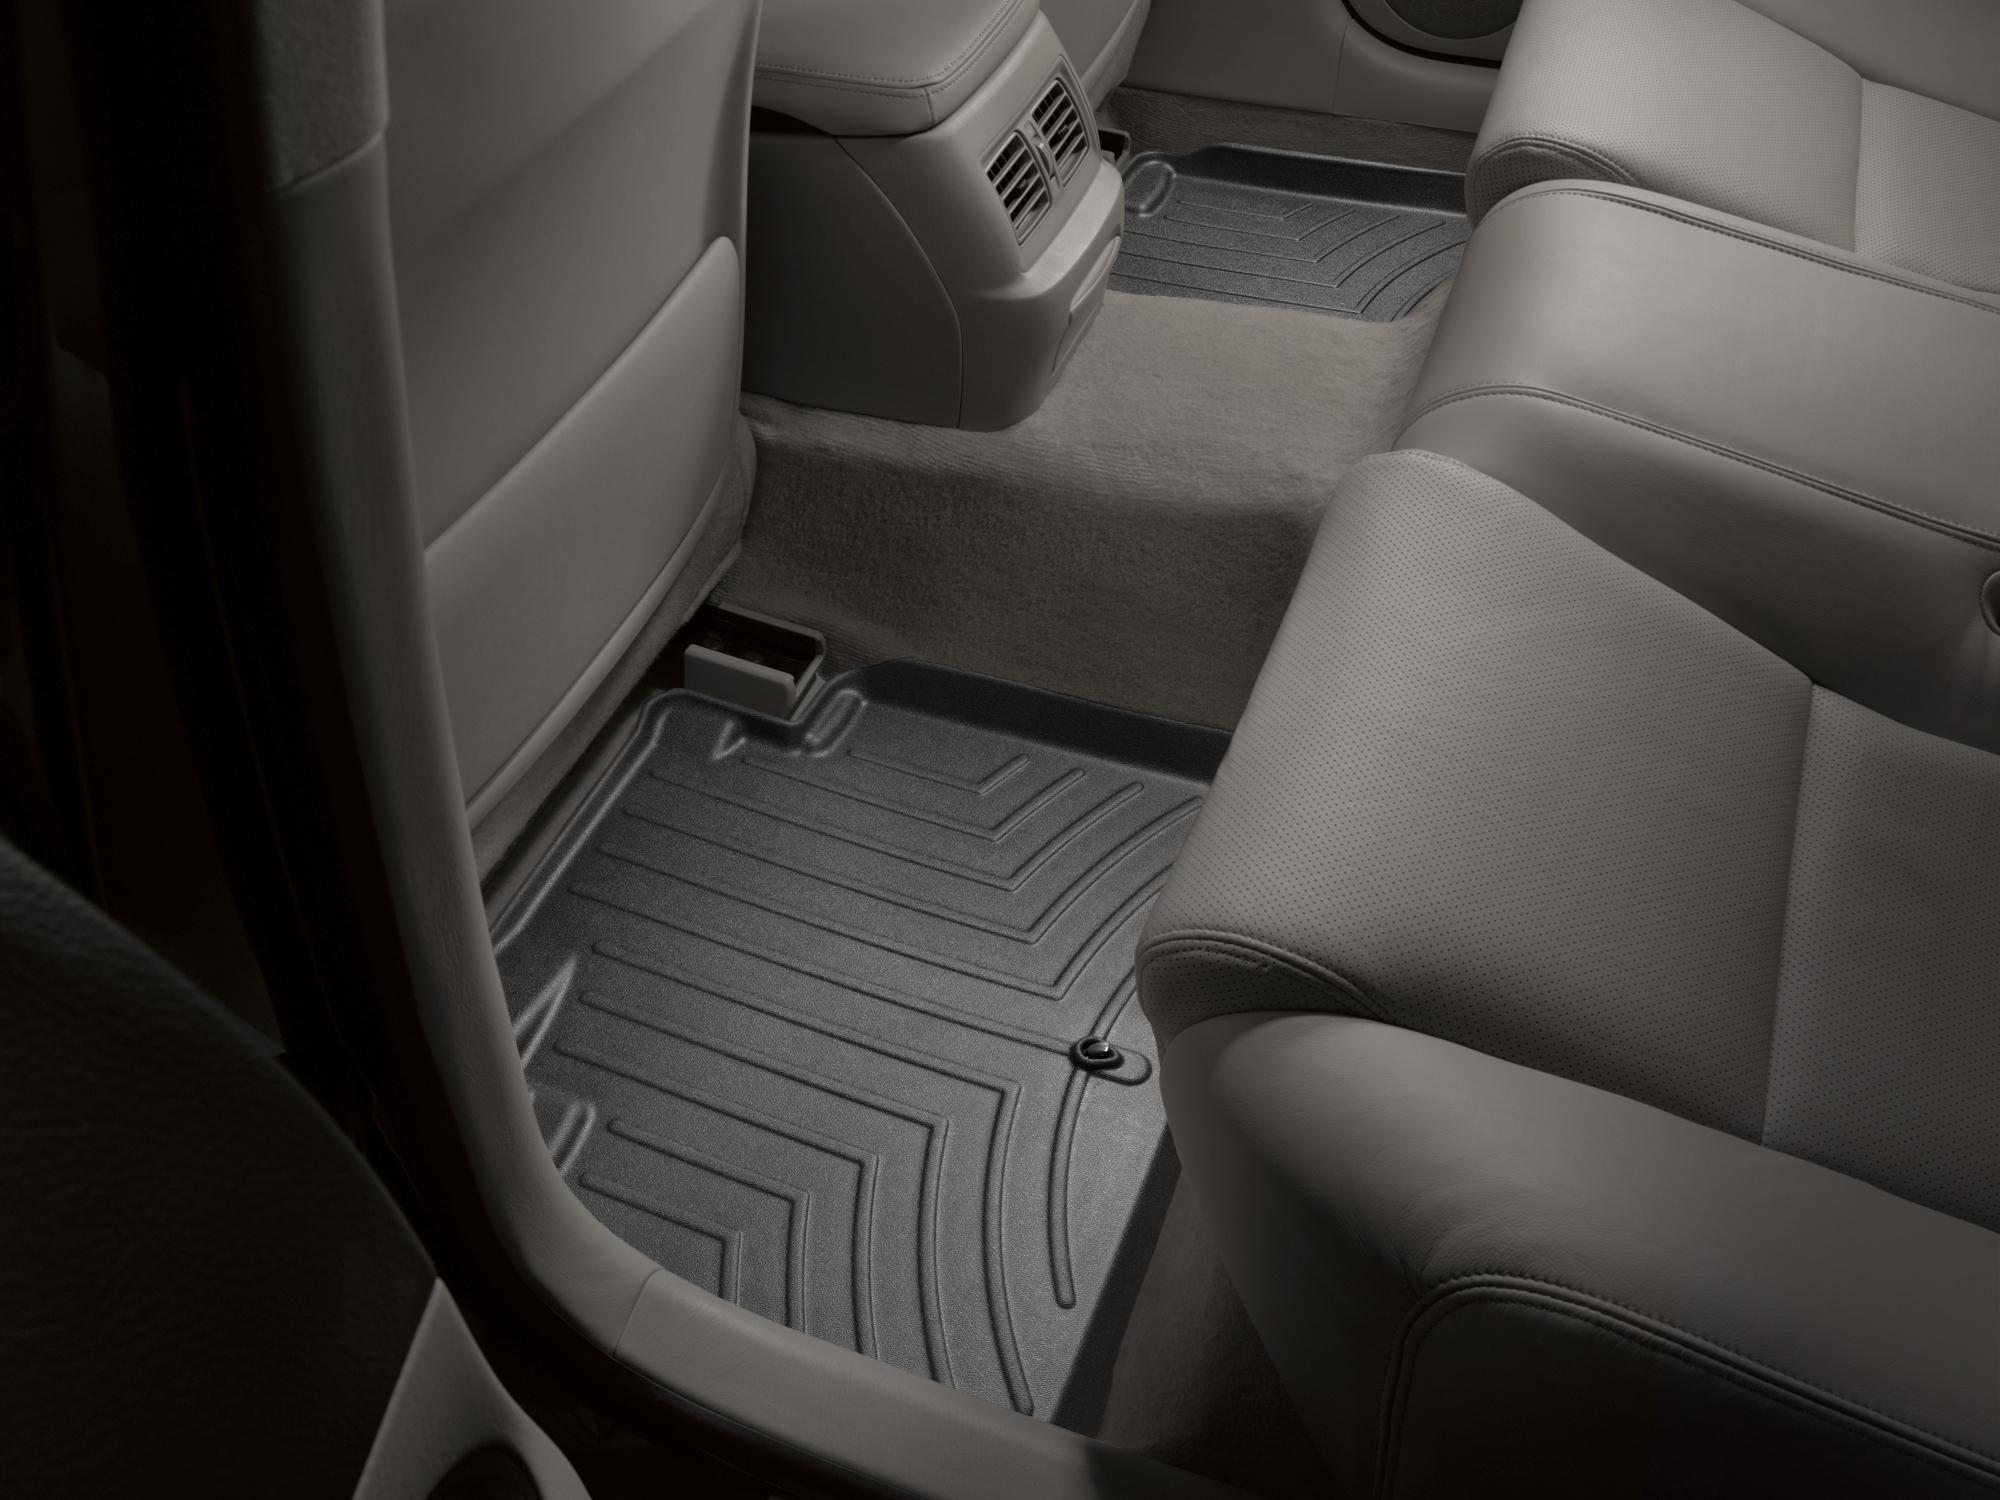 Tappeti gomma su misura bordo alto Lexus GS 450h 07>11 Nero A2037